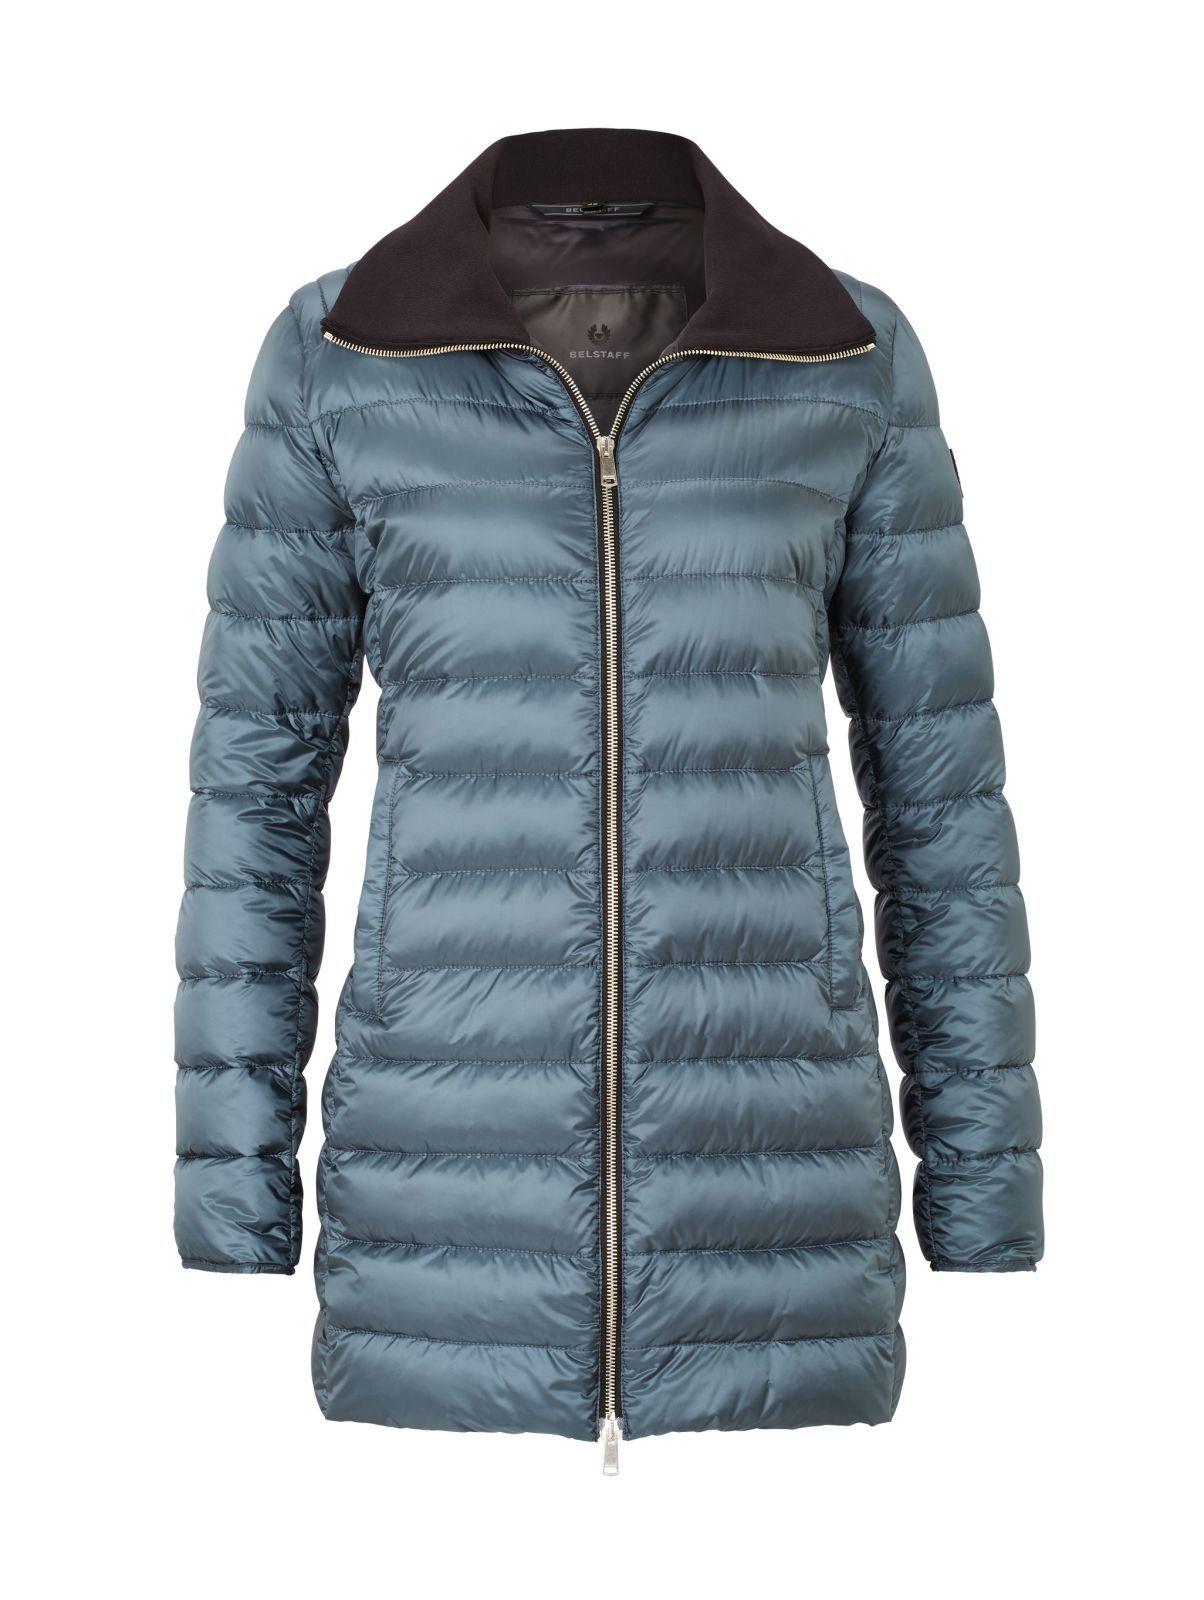 Winter Damen Wellensteyn Jacken Moncler Kaufen Günstig wwAC7x4qa